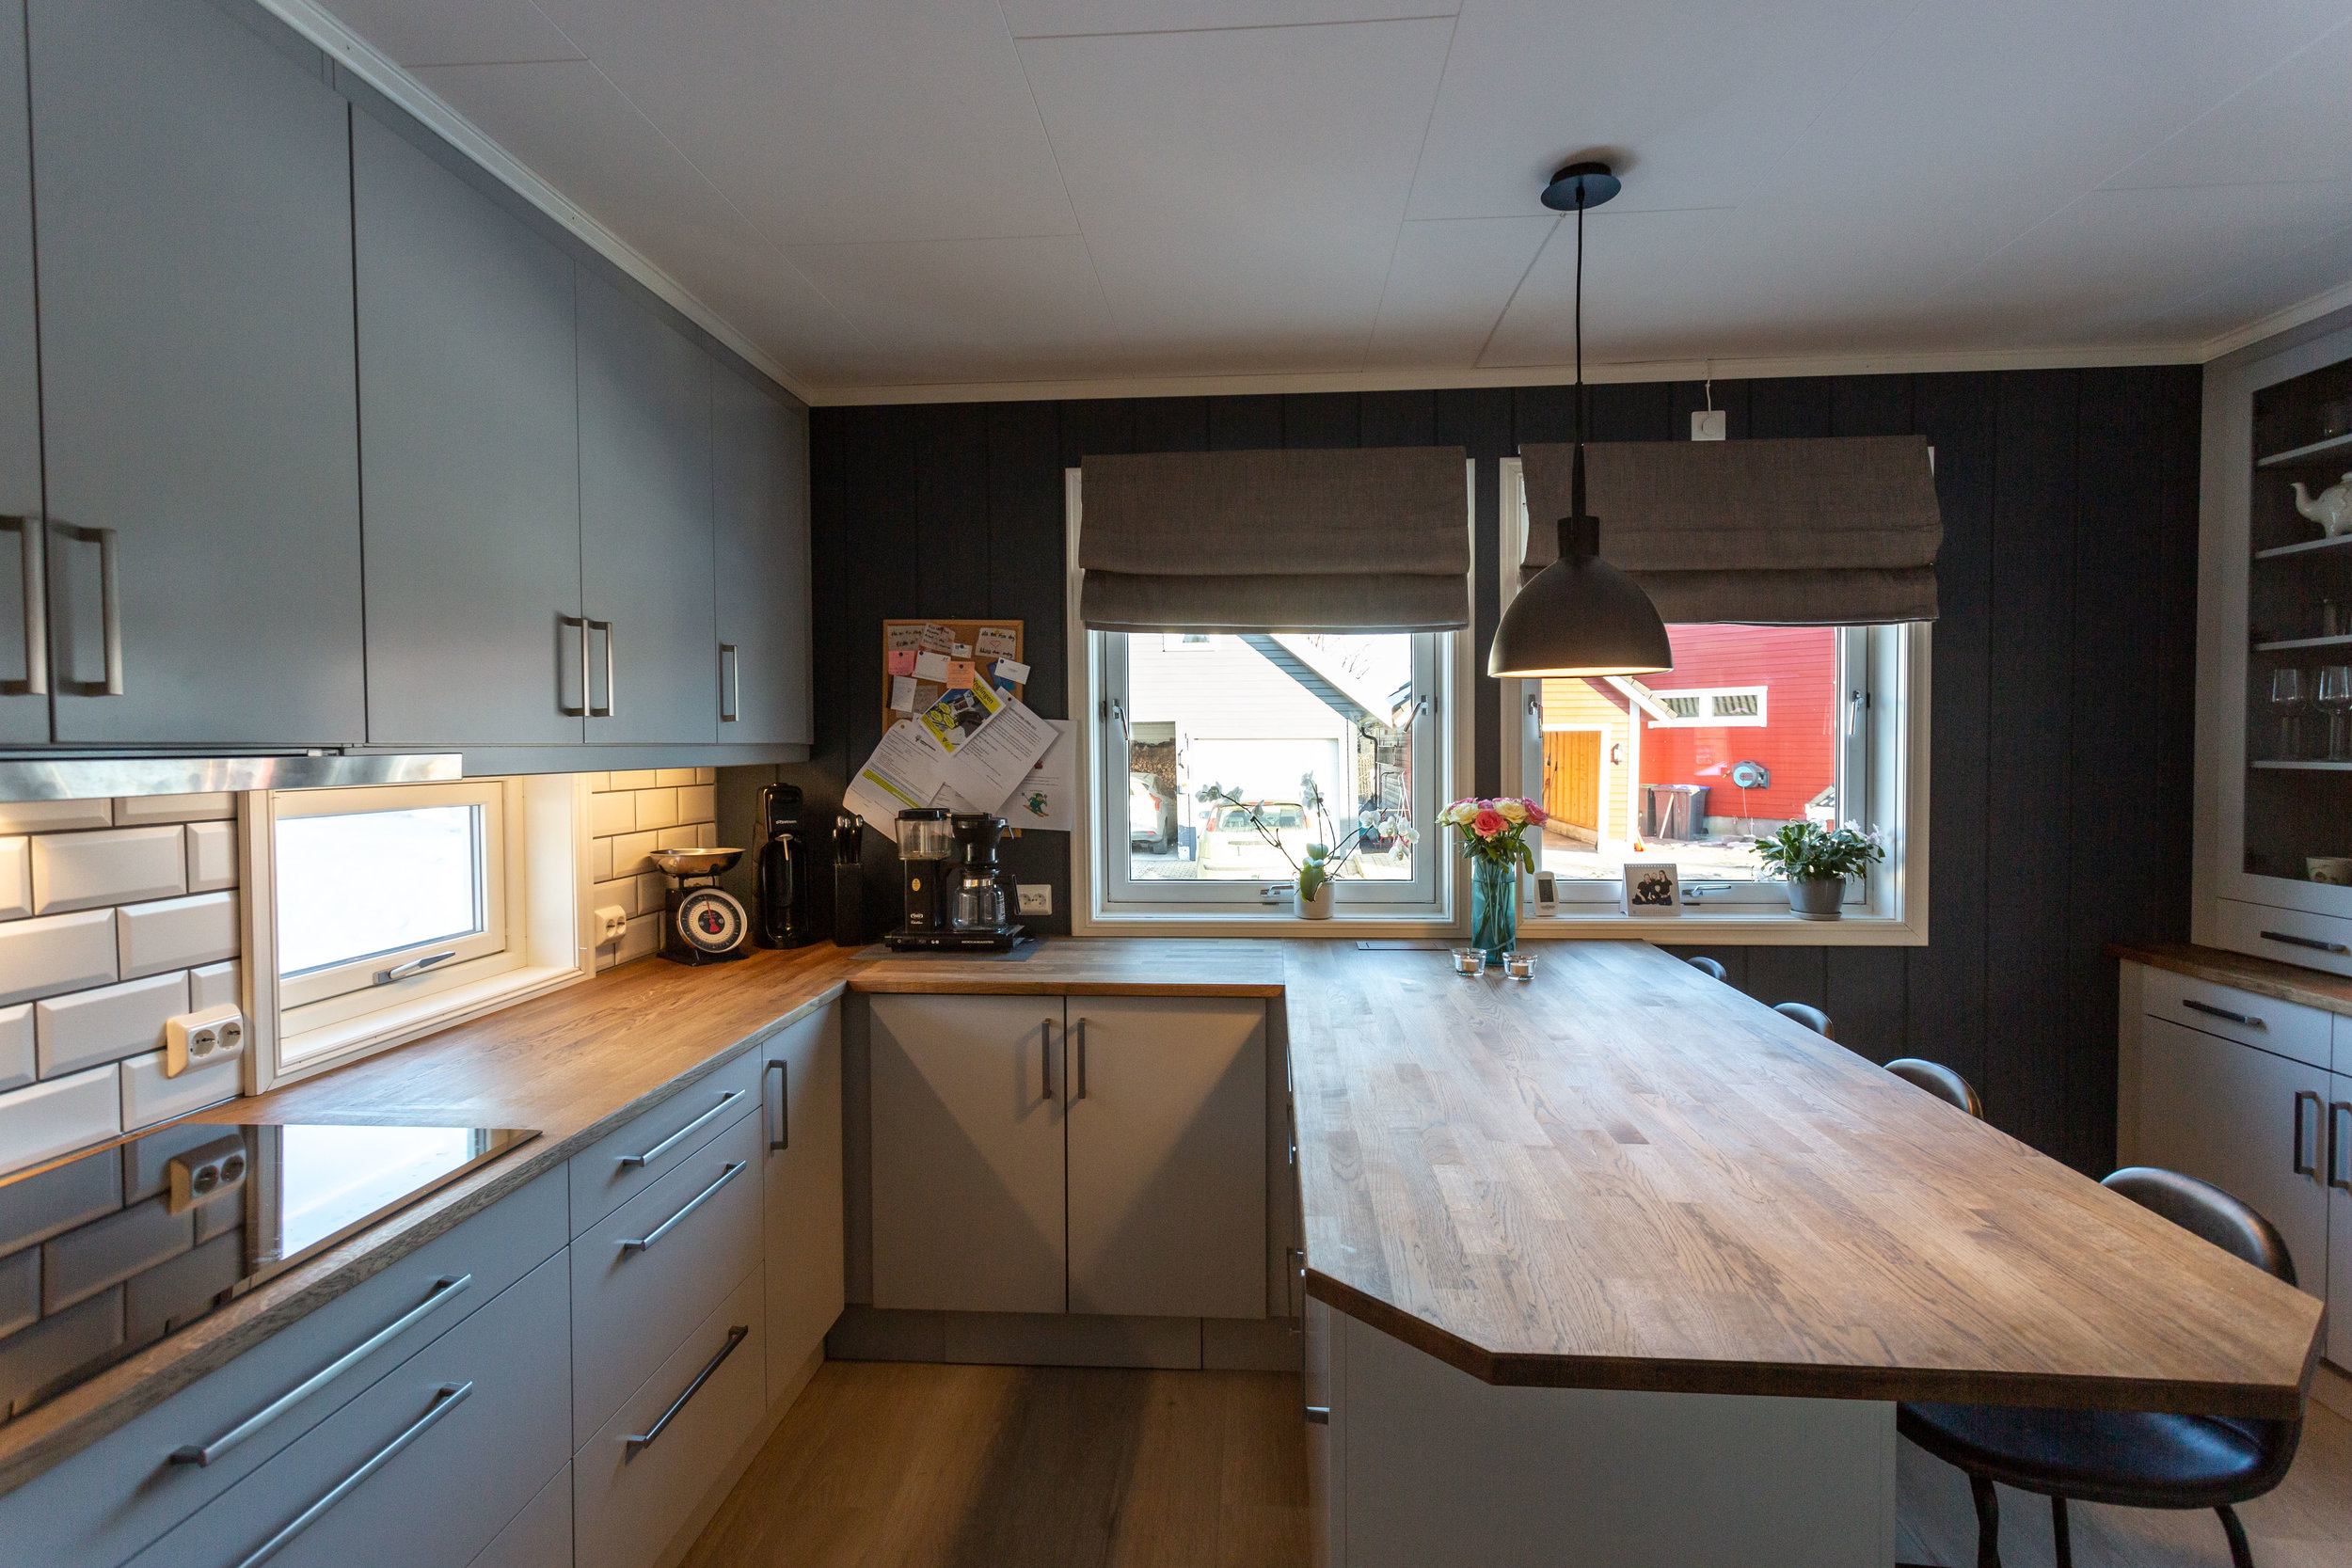 Kjøkken Furulia - 2 - Foto Øyvind S Endal.jpg